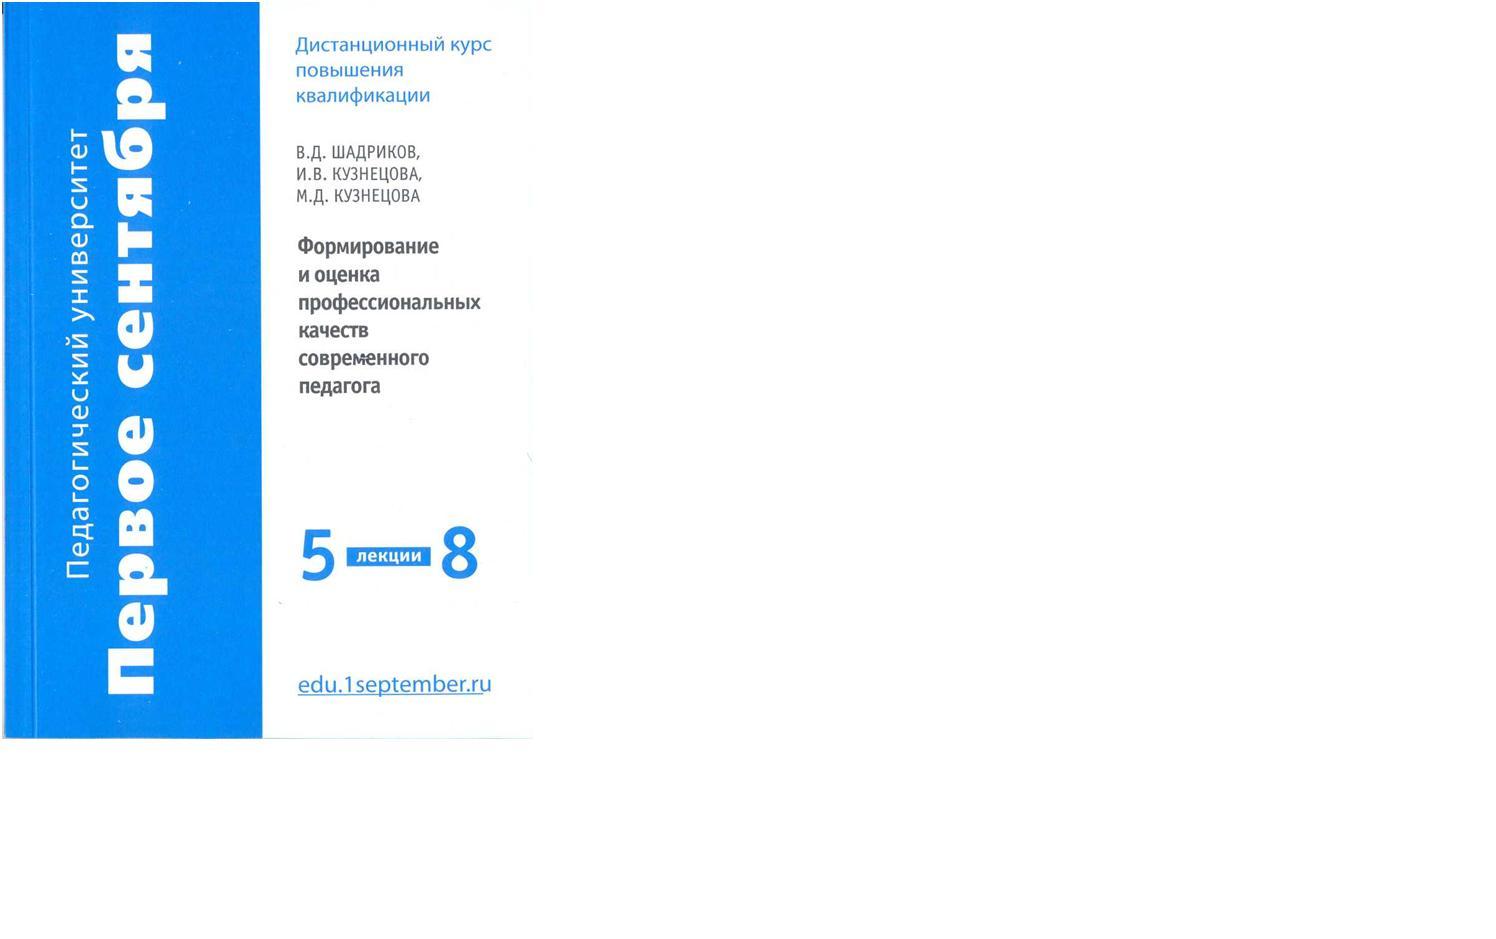 Формирование и оценка профессиональных качеств современного педагога: лекции 5-8